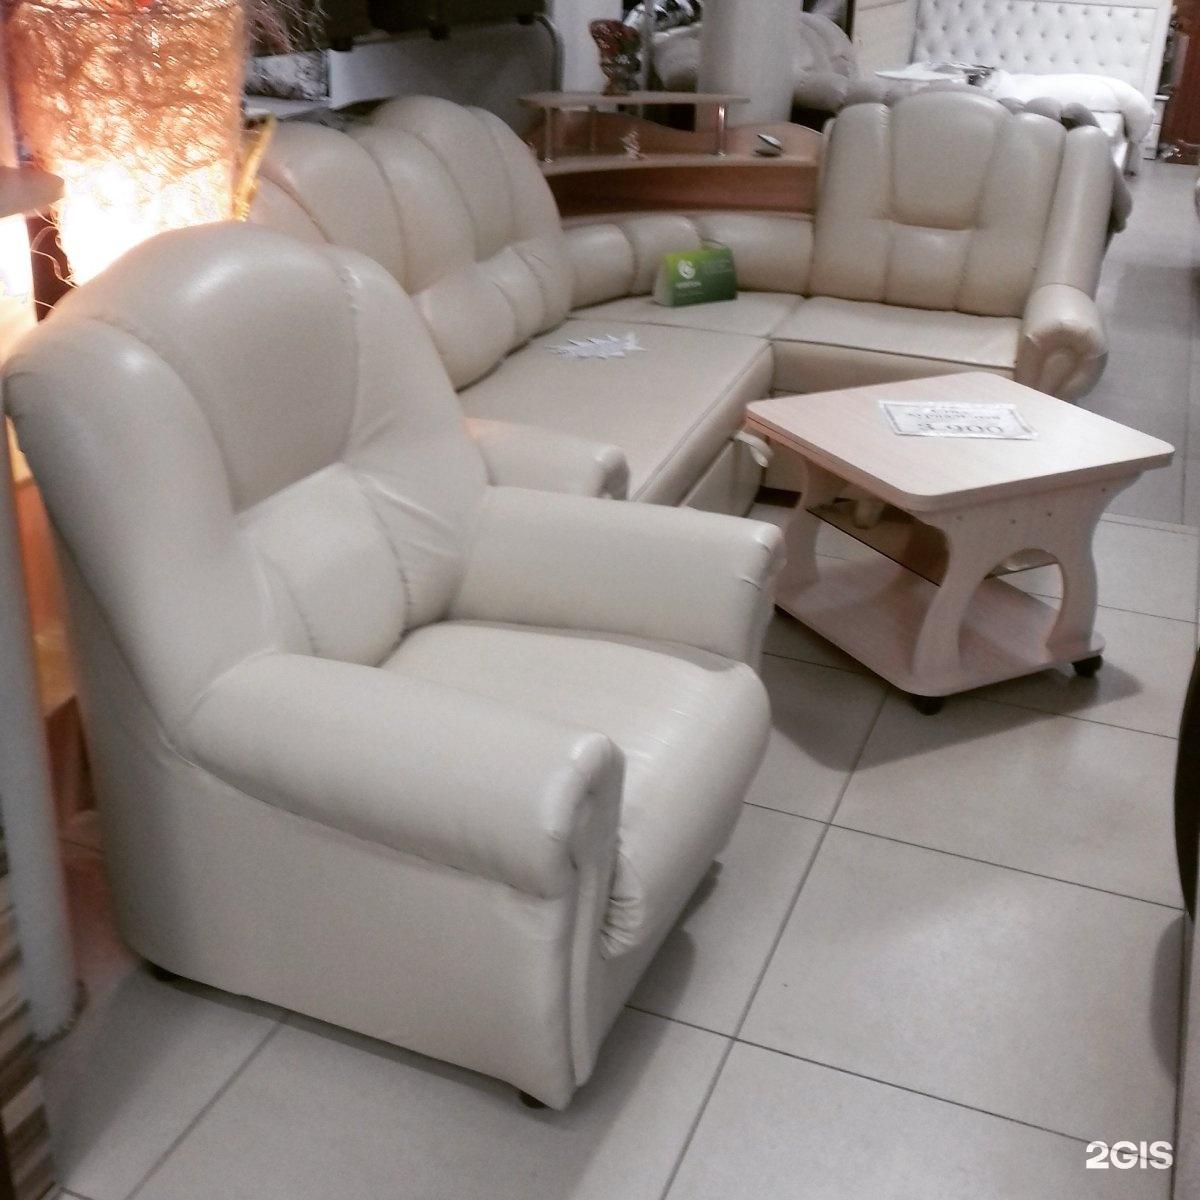 используемые фото мягкой мебели салона париж благовещенске подающих сбросных каналов